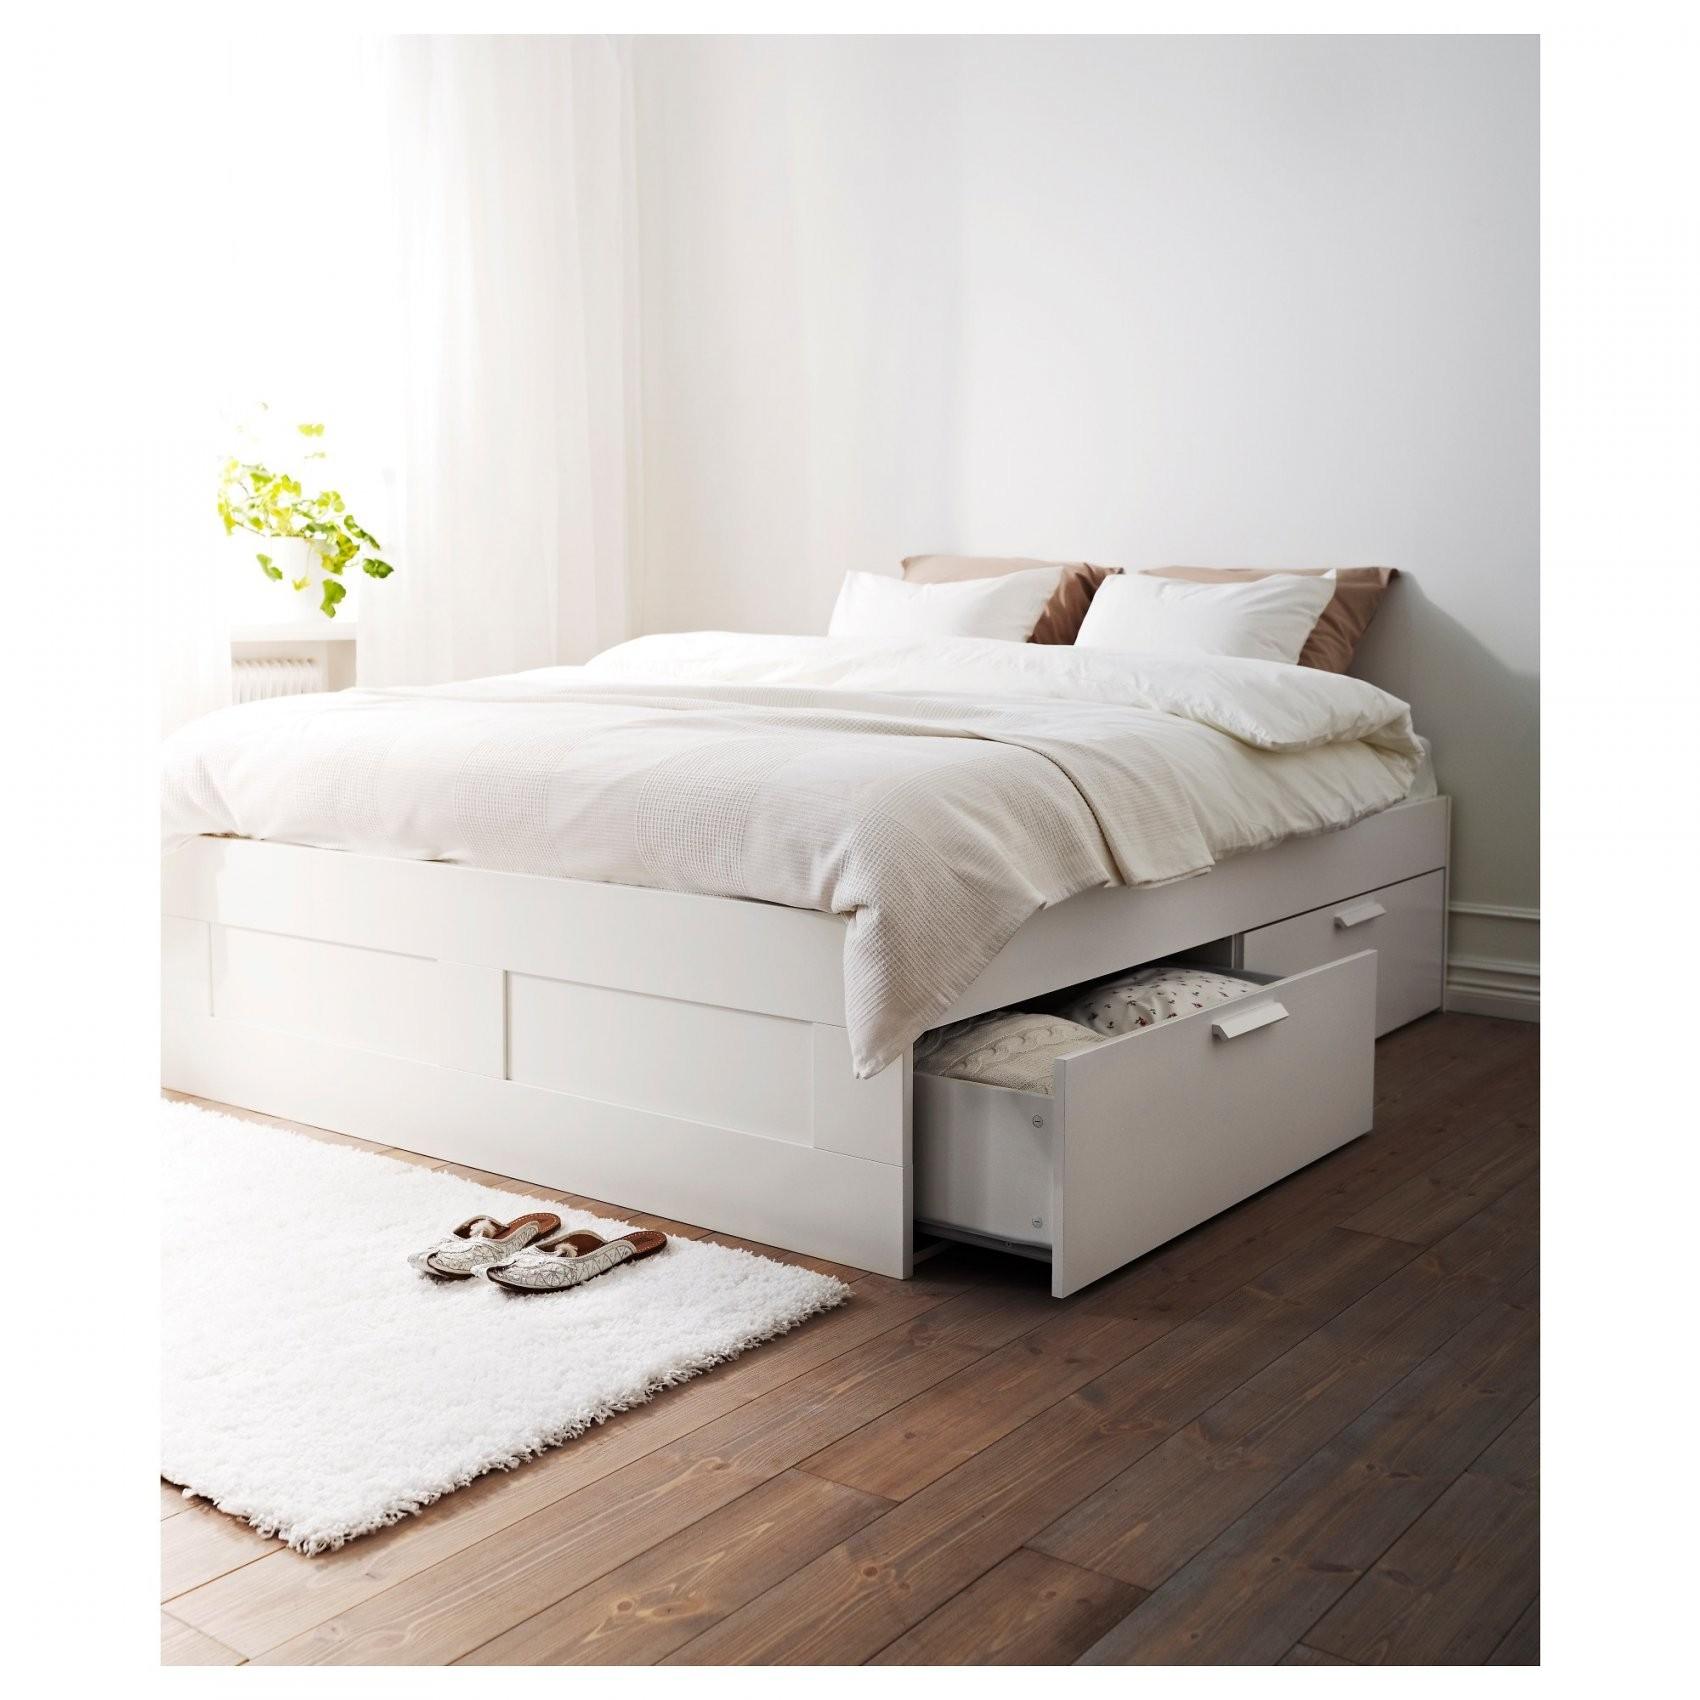 Brimnes Bedframe Met Opberglades  160X200 Cm  Wit  Ikea von Ikea Brimnes Bett 160X200 Photo